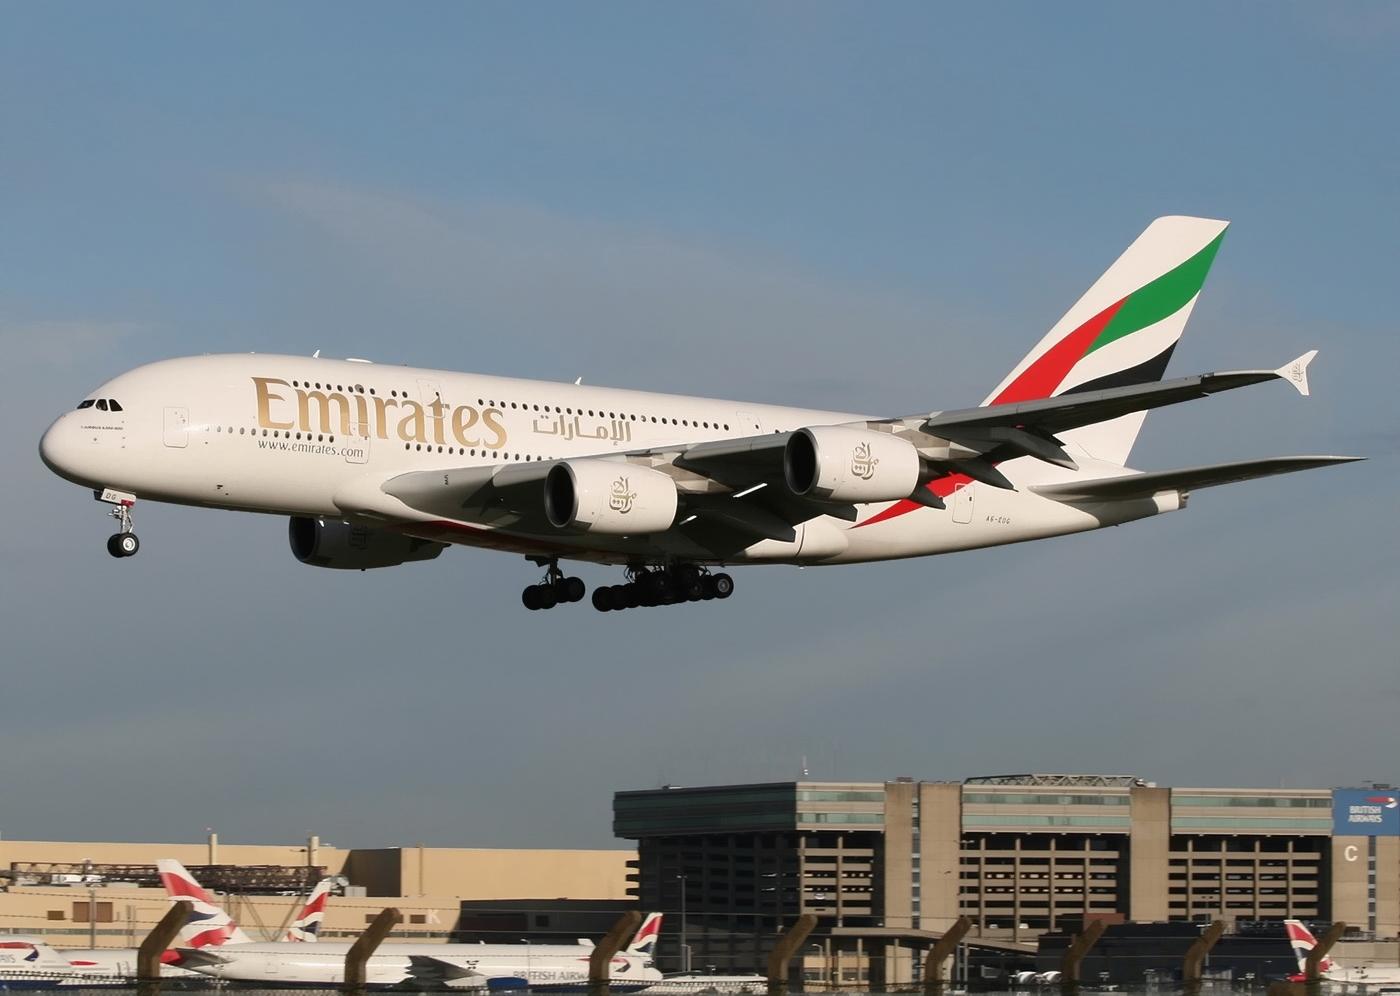 http://3.bp.blogspot.com/-PWw1lH1oGaQ/TosKPTAiw2I/AAAAAAAAGZA/GyK5MUwMzN4/s1600/a380_emirates.jpg